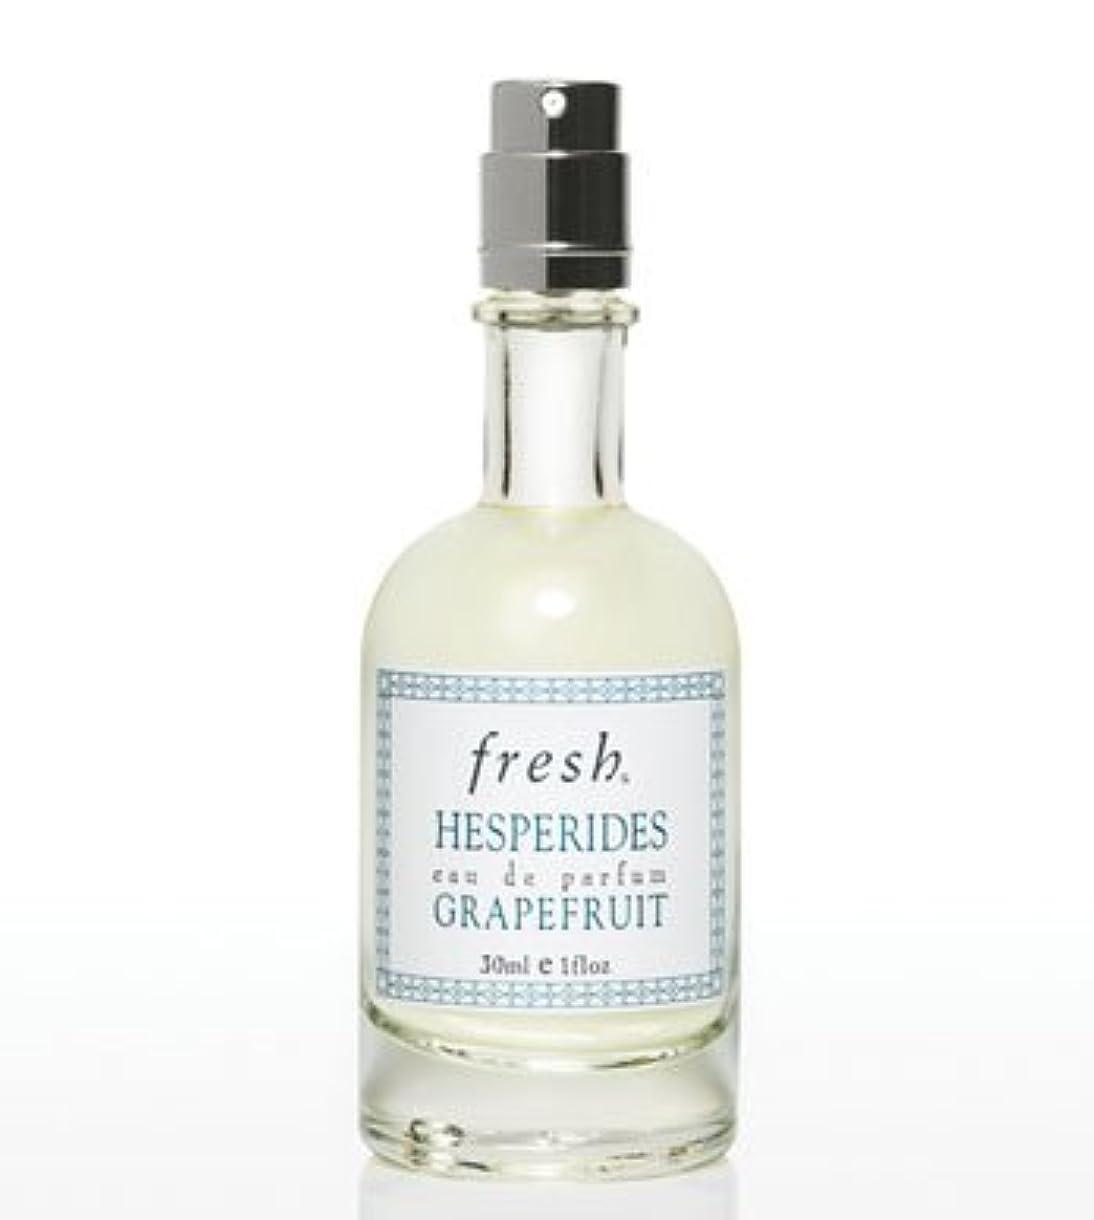 合体マーキーグリーンランドFresh HESPERIDES GRAPEFRUIT (フレッシュ ヘスペリデス グレープフルーツ) 1.0 oz (30ml) EDP Spray by Fresh for Unisex